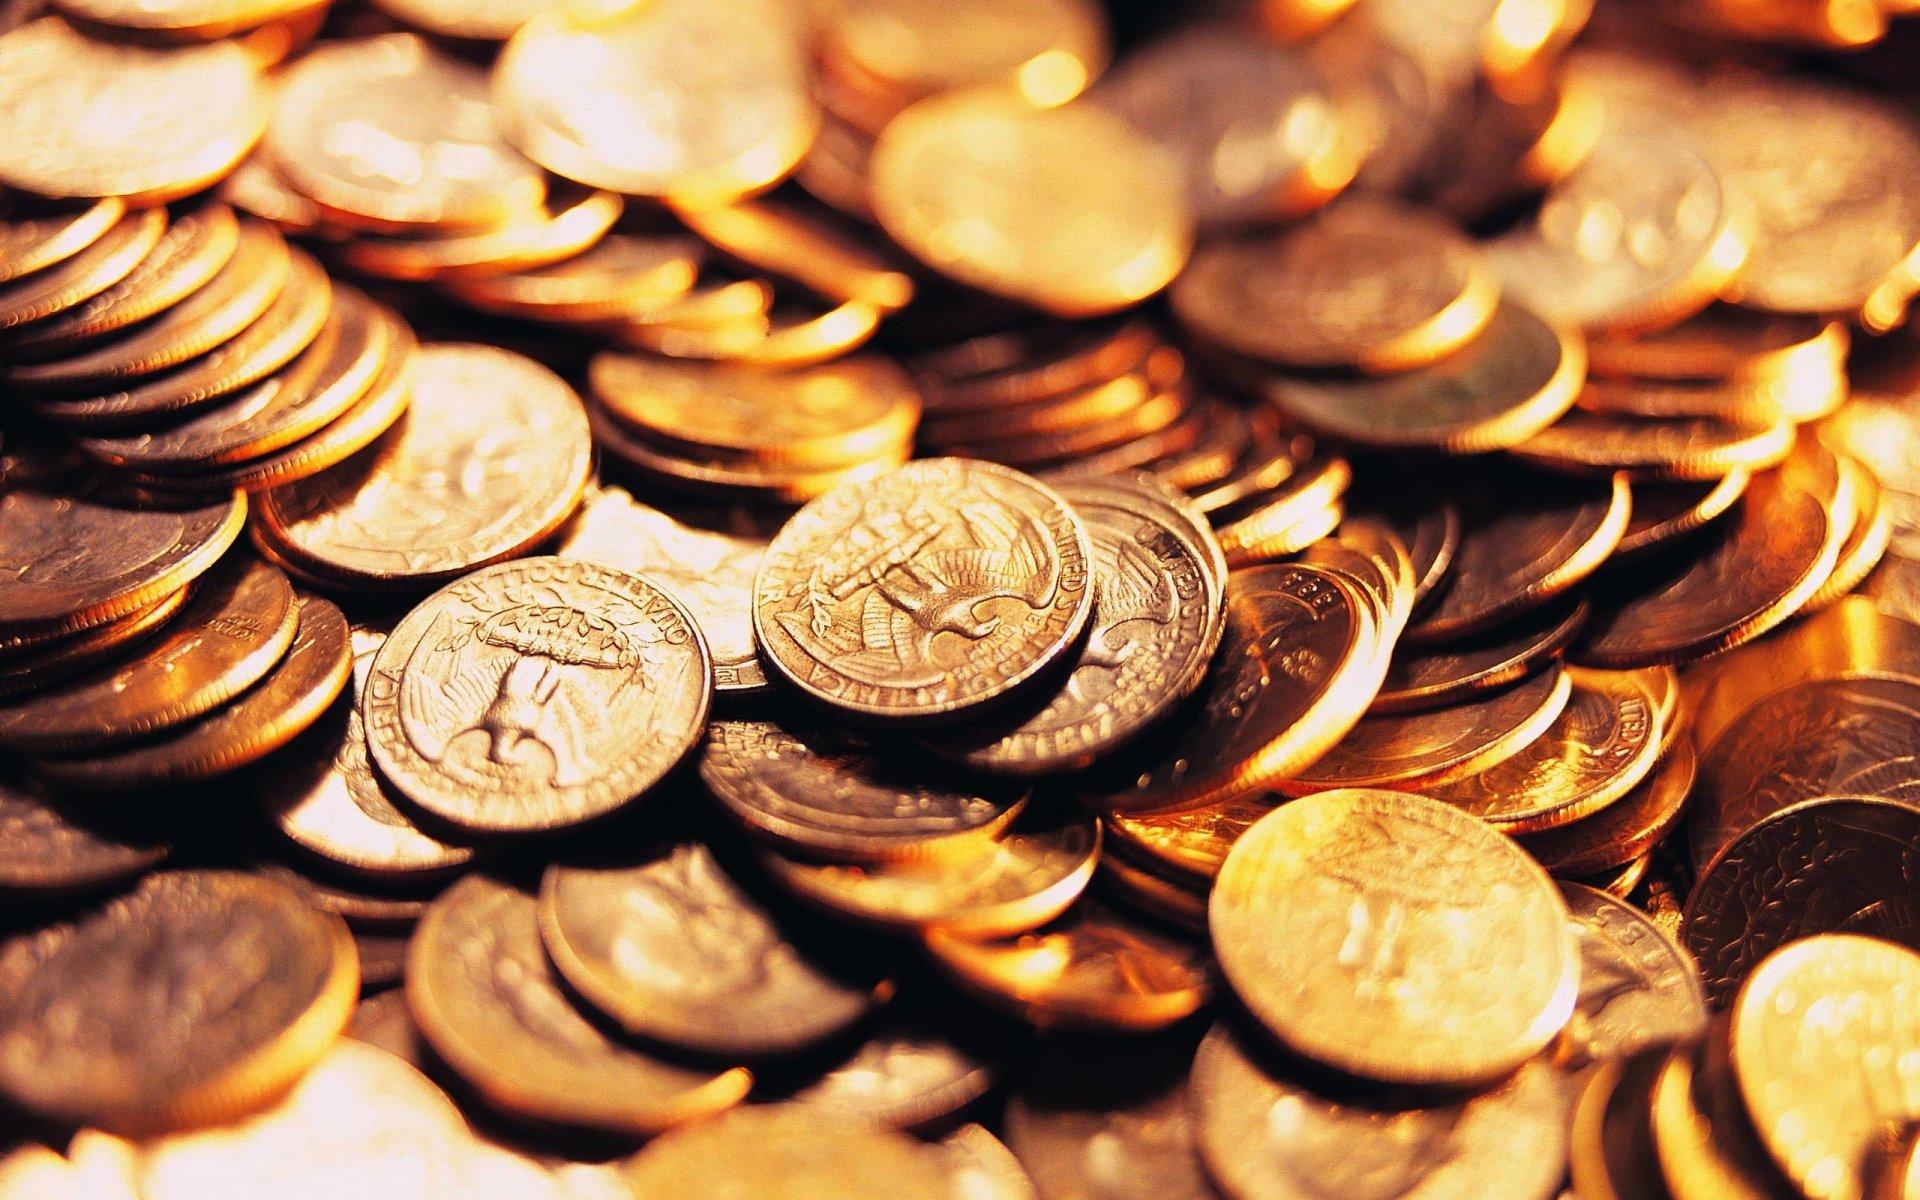 coins-money-heap-close-up